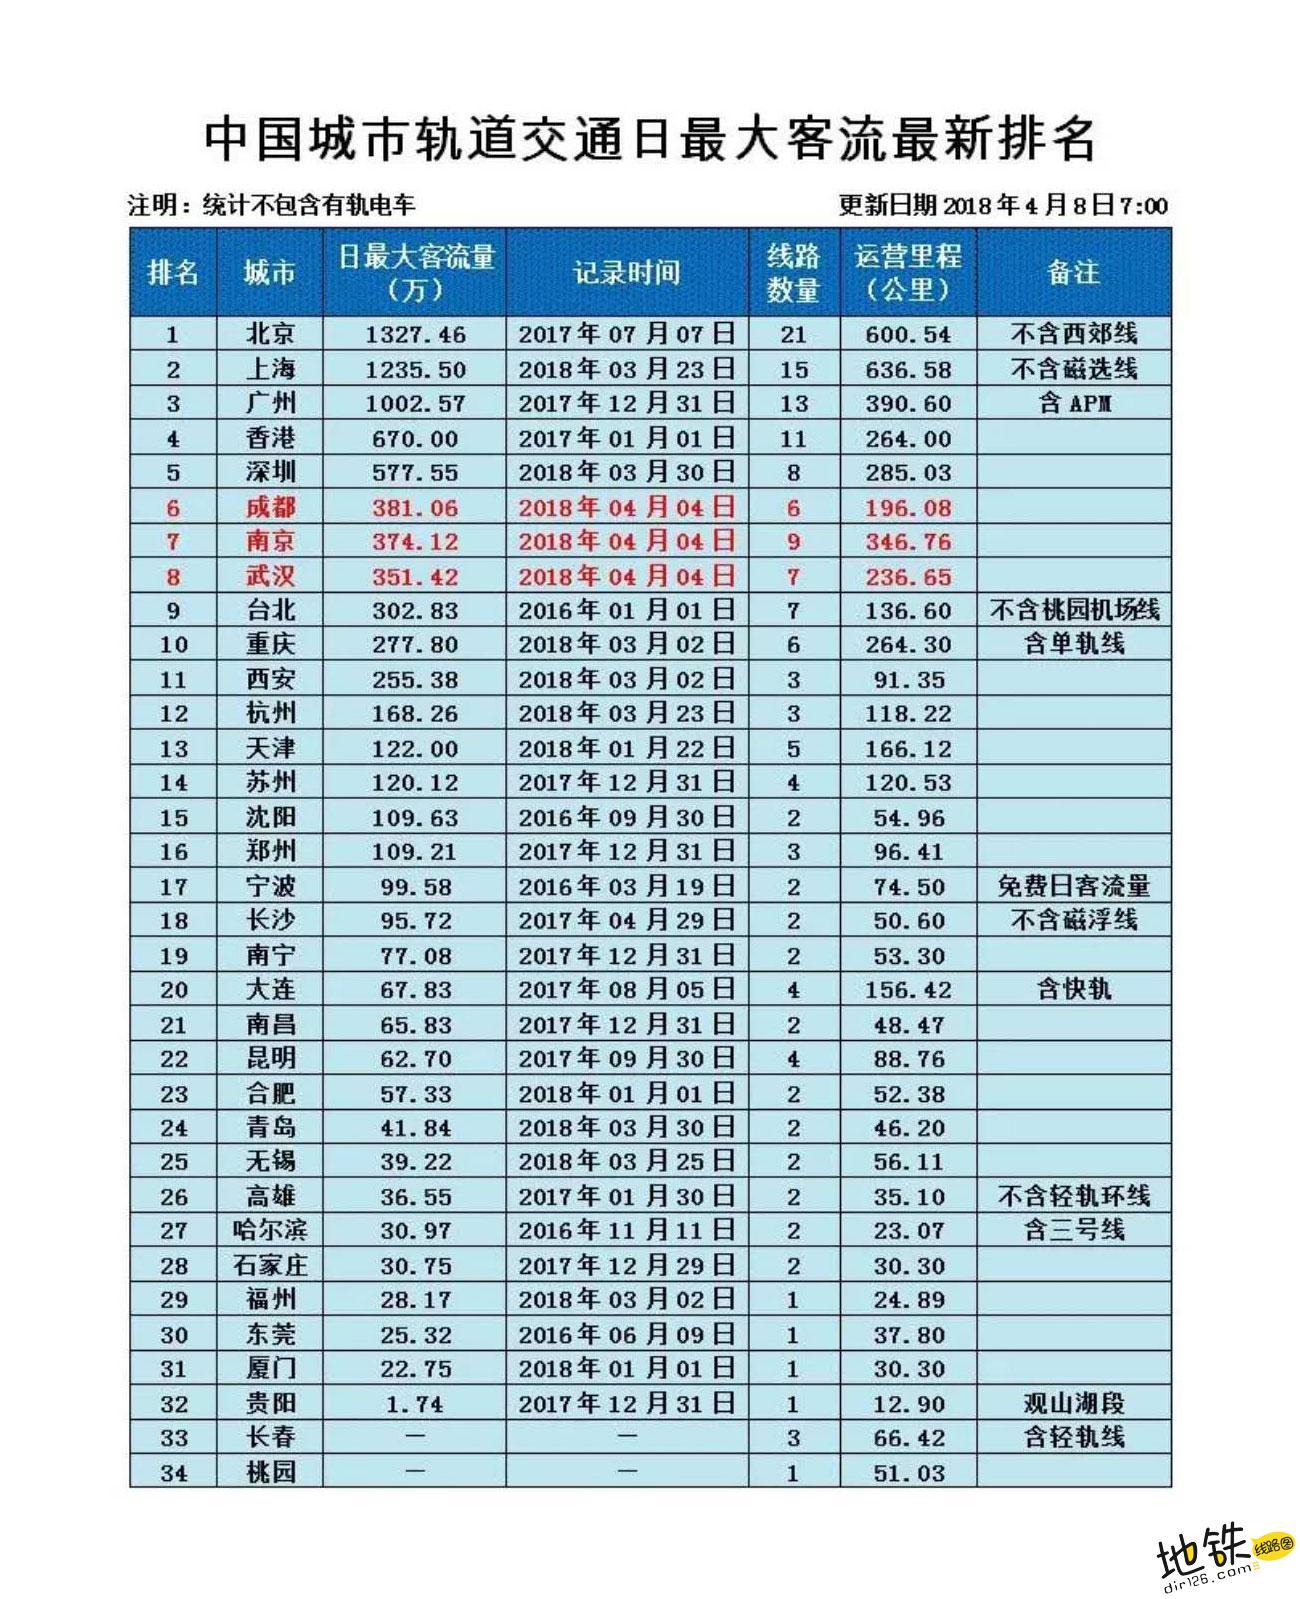 中国轨道交通日均最大客流量排名 排名 日均客流量 轨道交通 地铁 中国 轨道动态  第1张